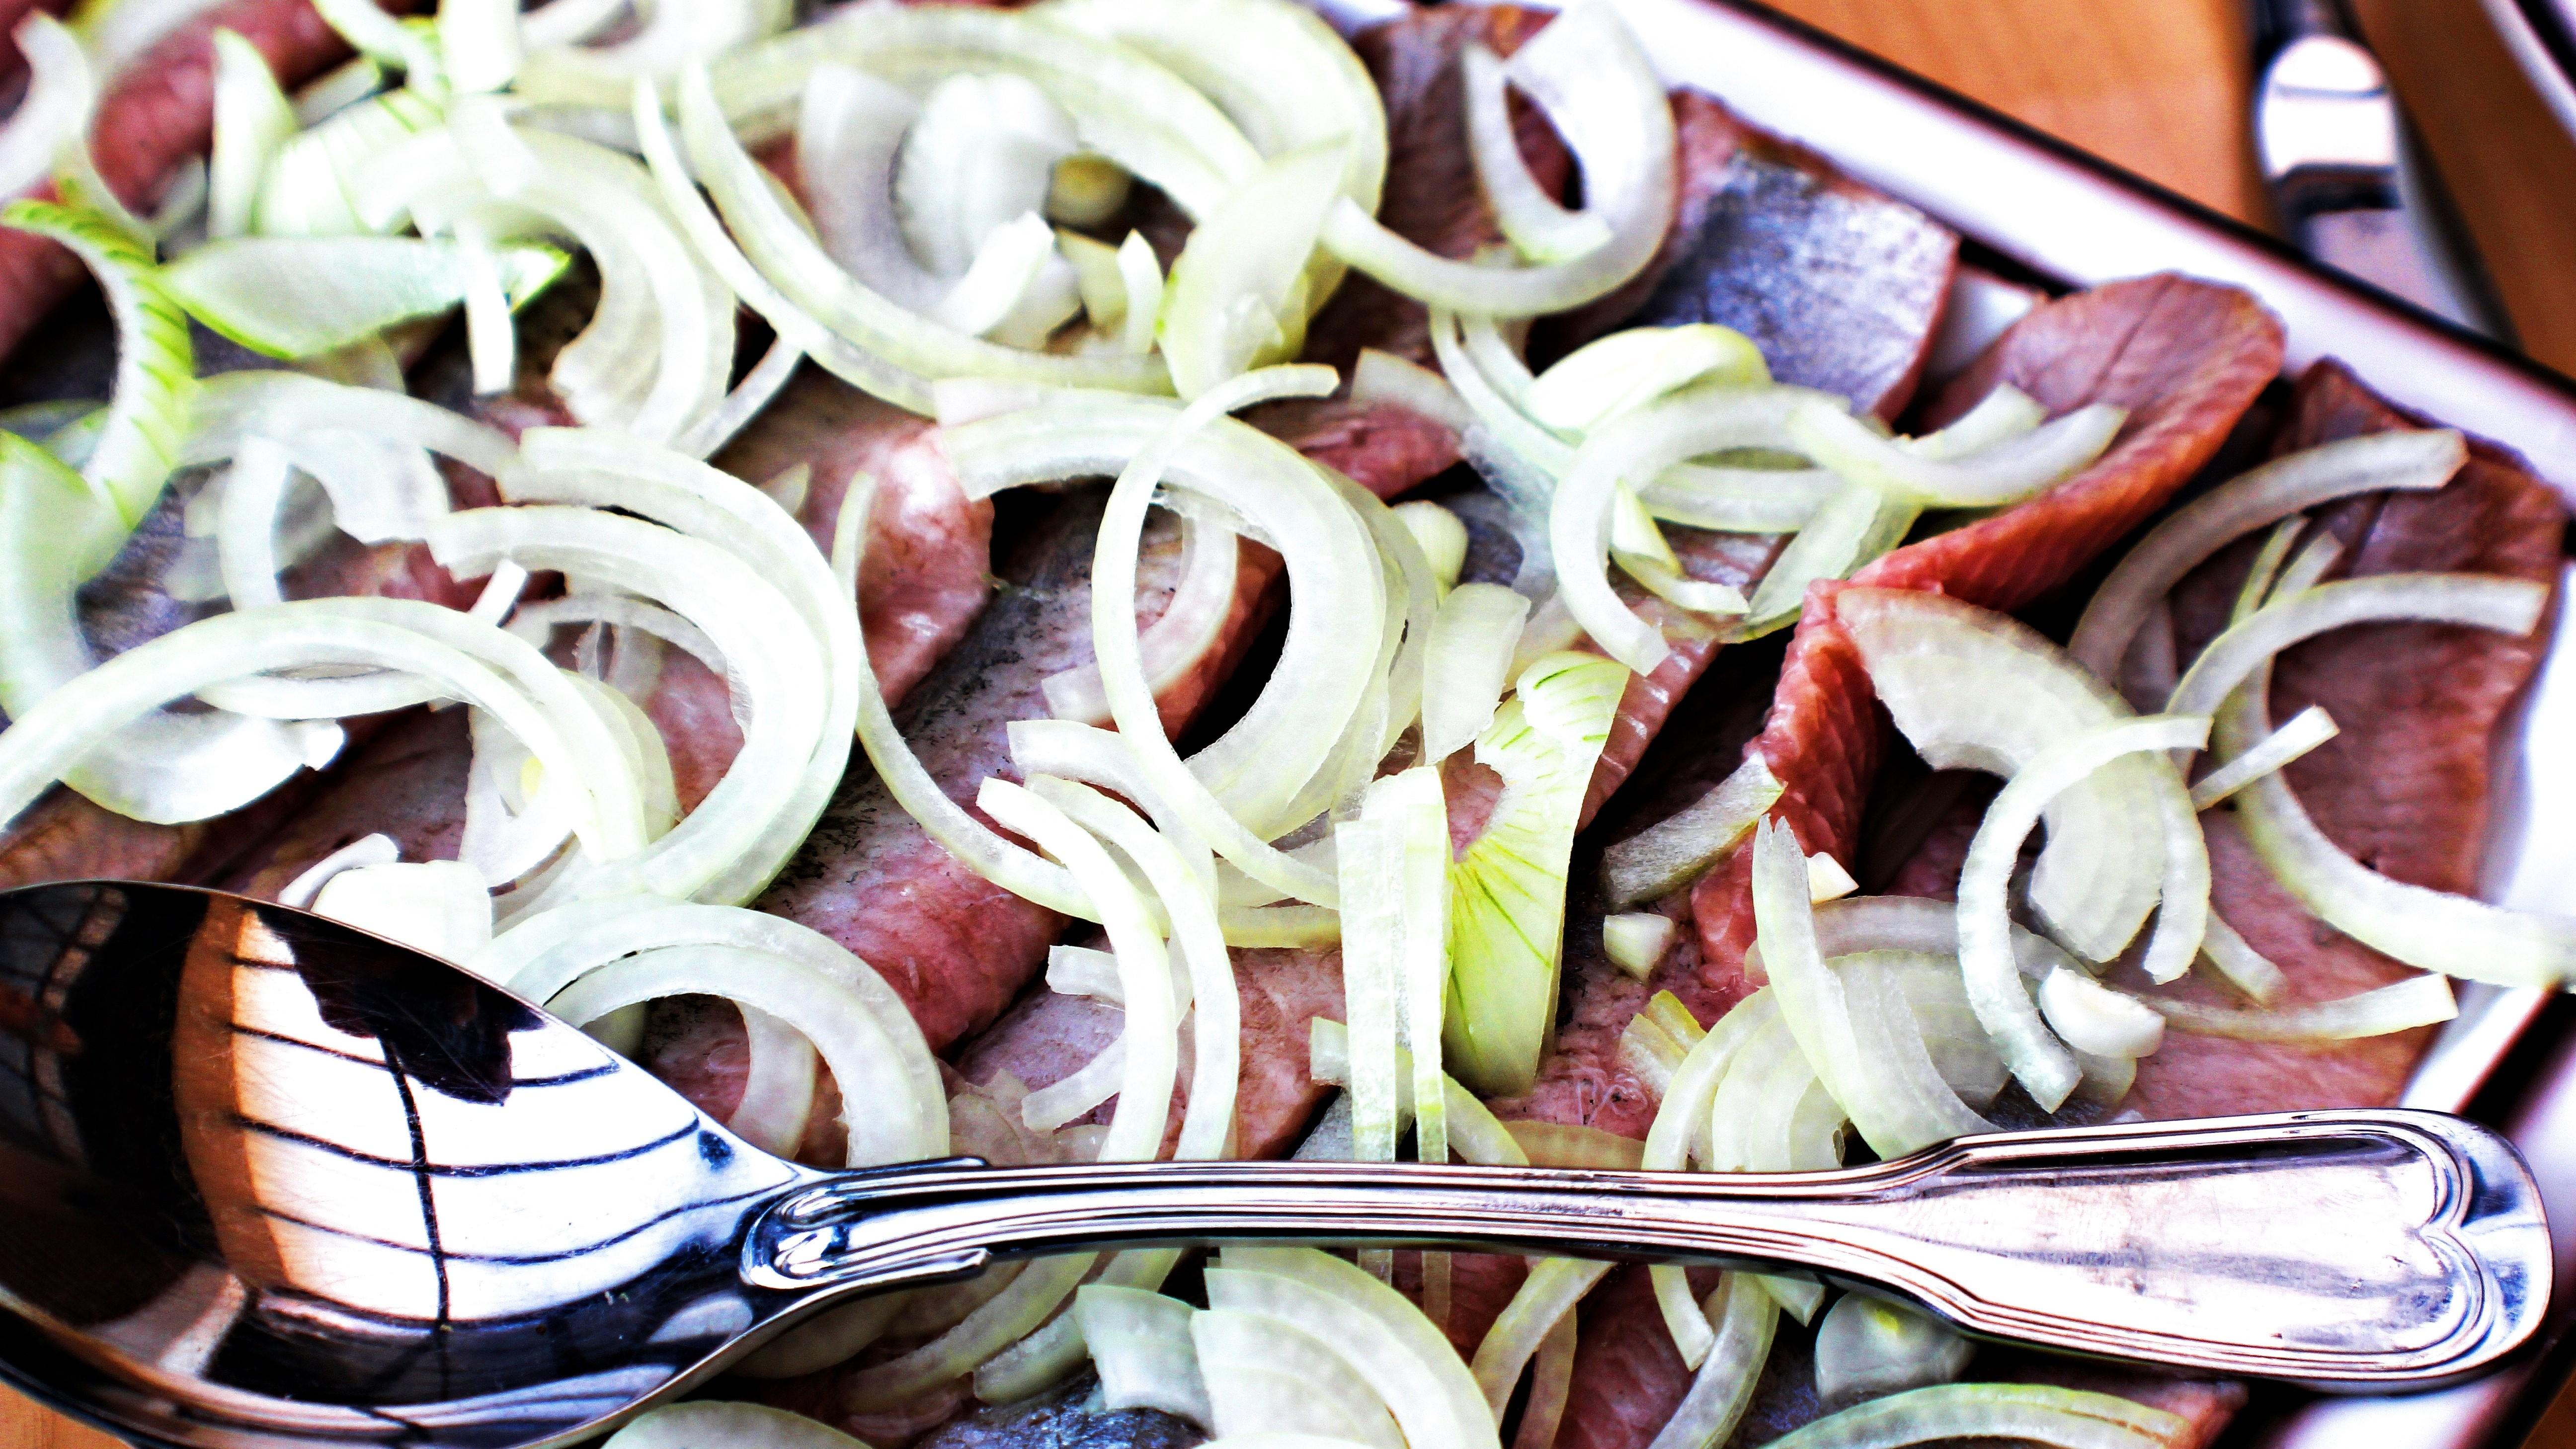 Surströmming essen die Schweden genauso wie andere Heringsfilets mit viel Zwiebel.